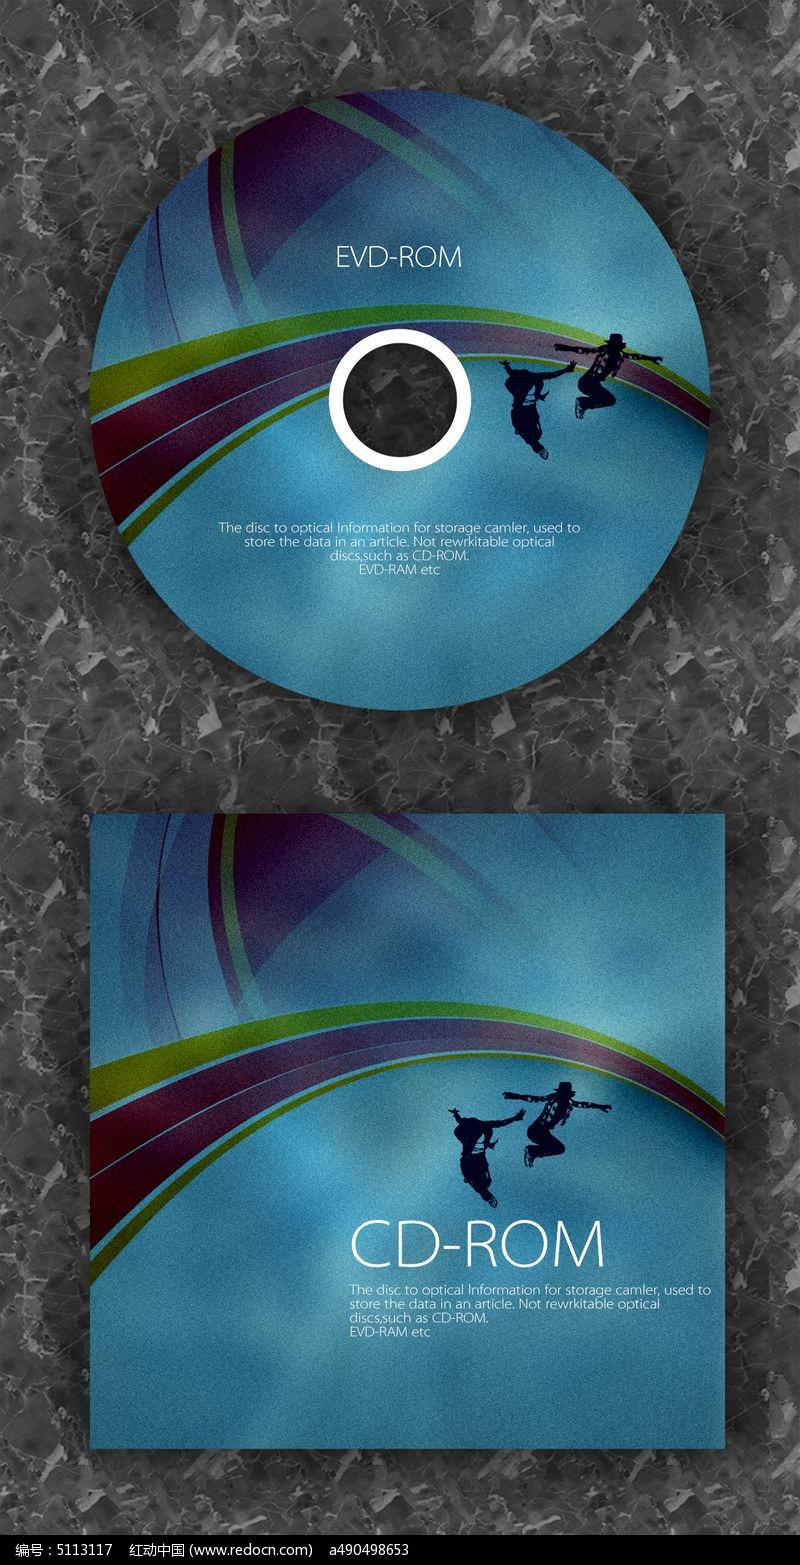 深色舞蹈演唱会时尚cd光盘设计图片